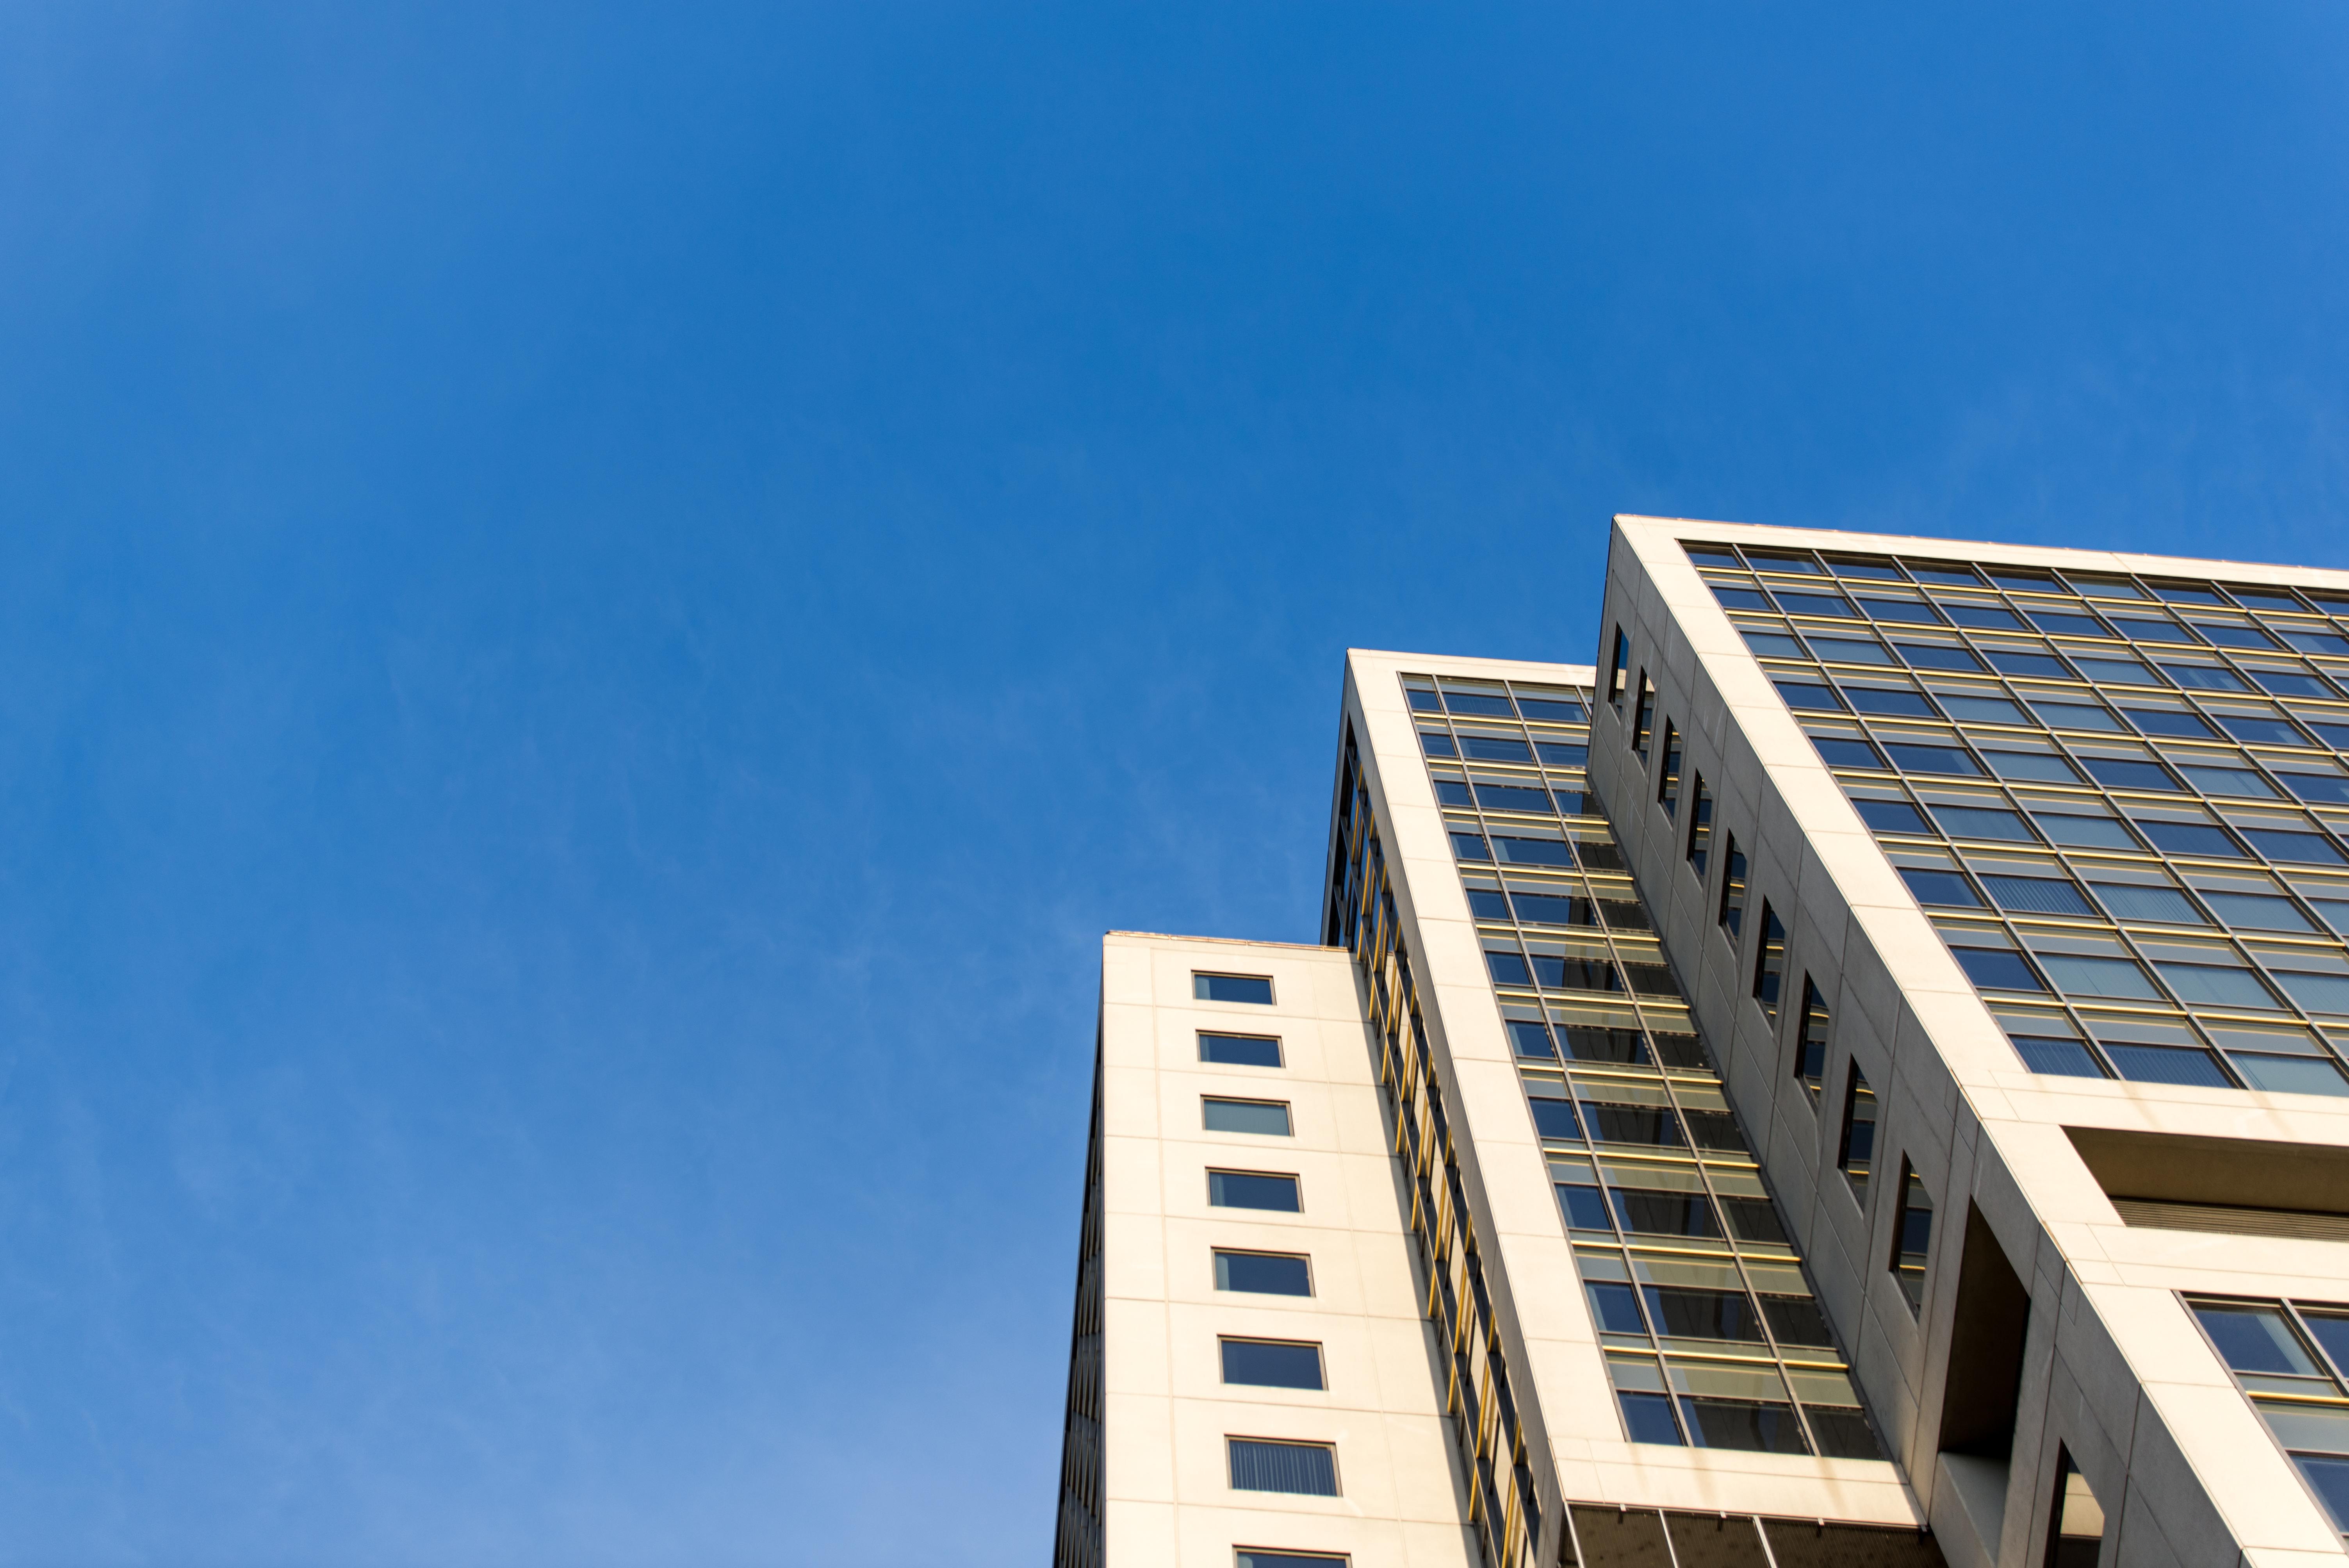 Architecture-41.jpg